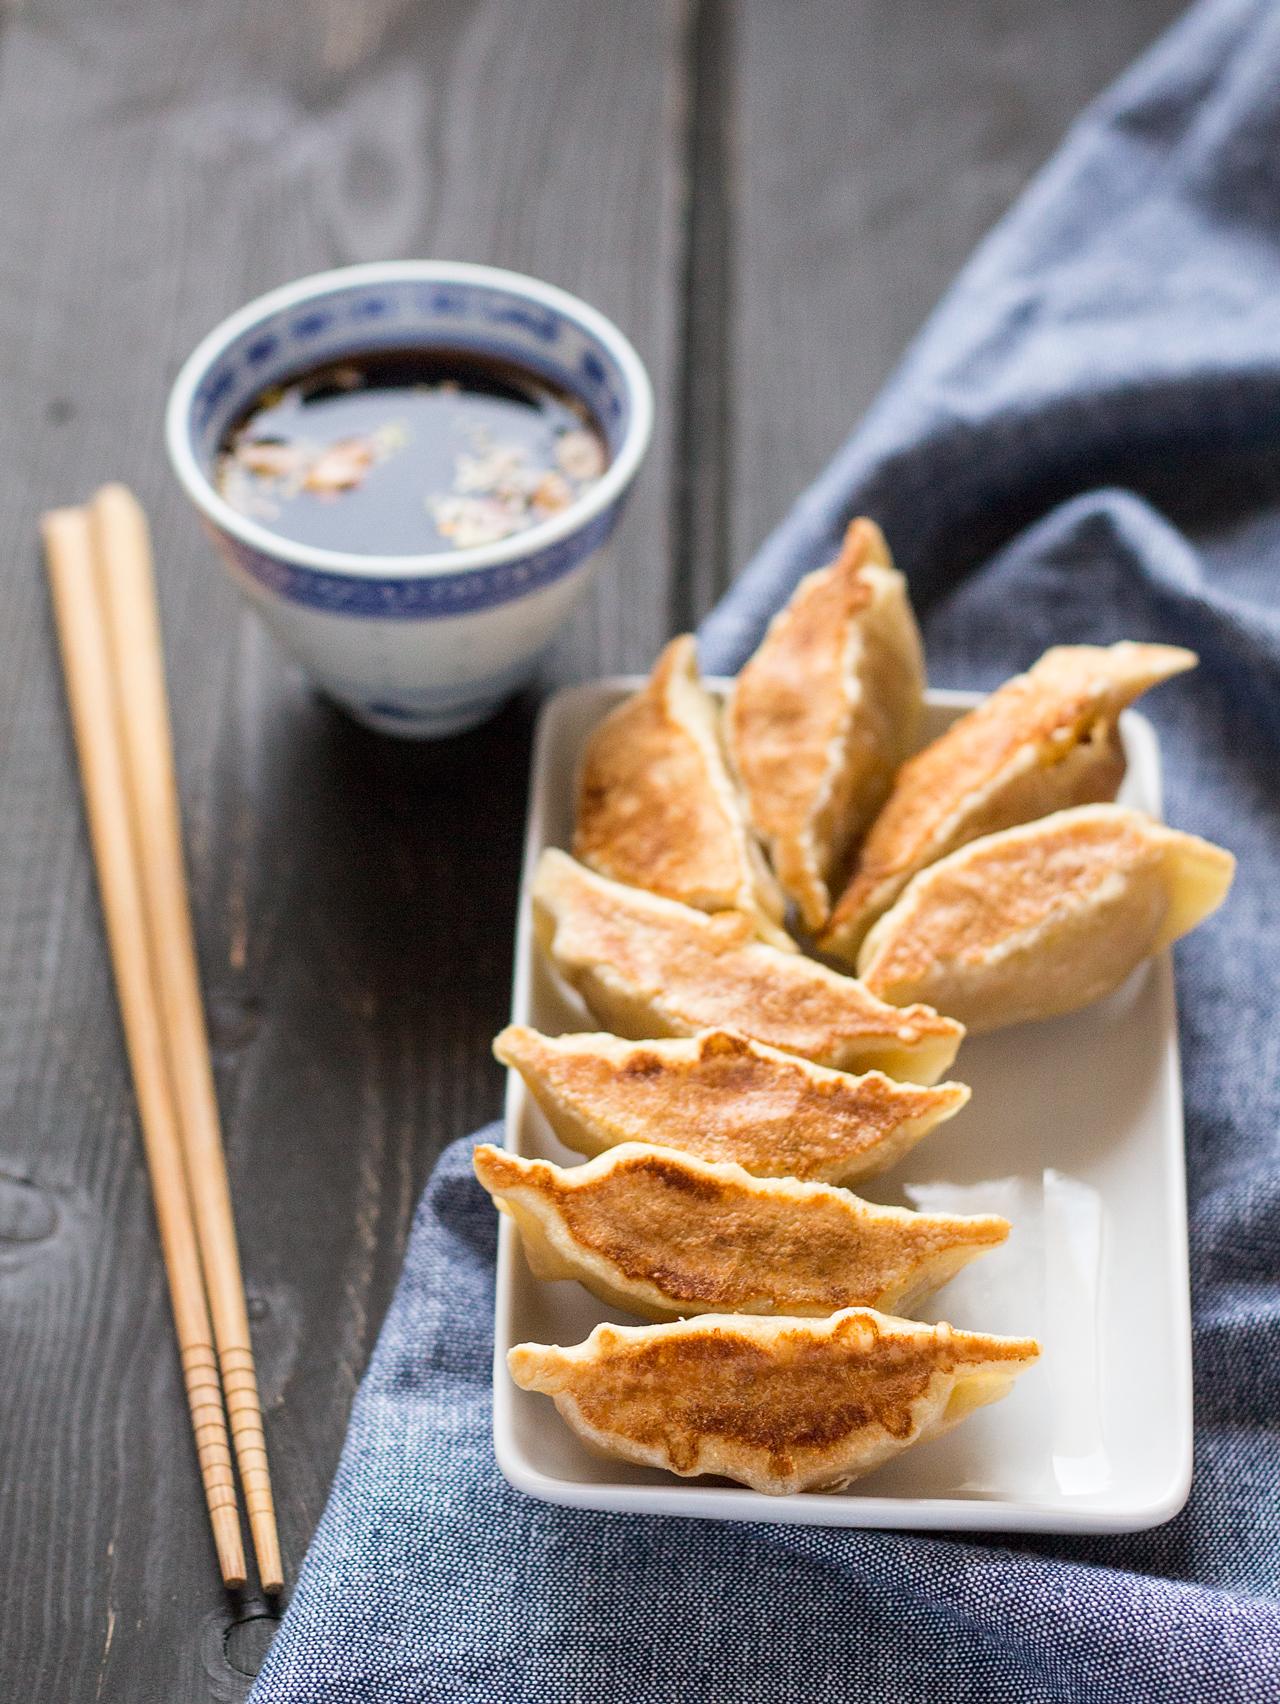 chińskie potstickers z dynią piżmową z sosem